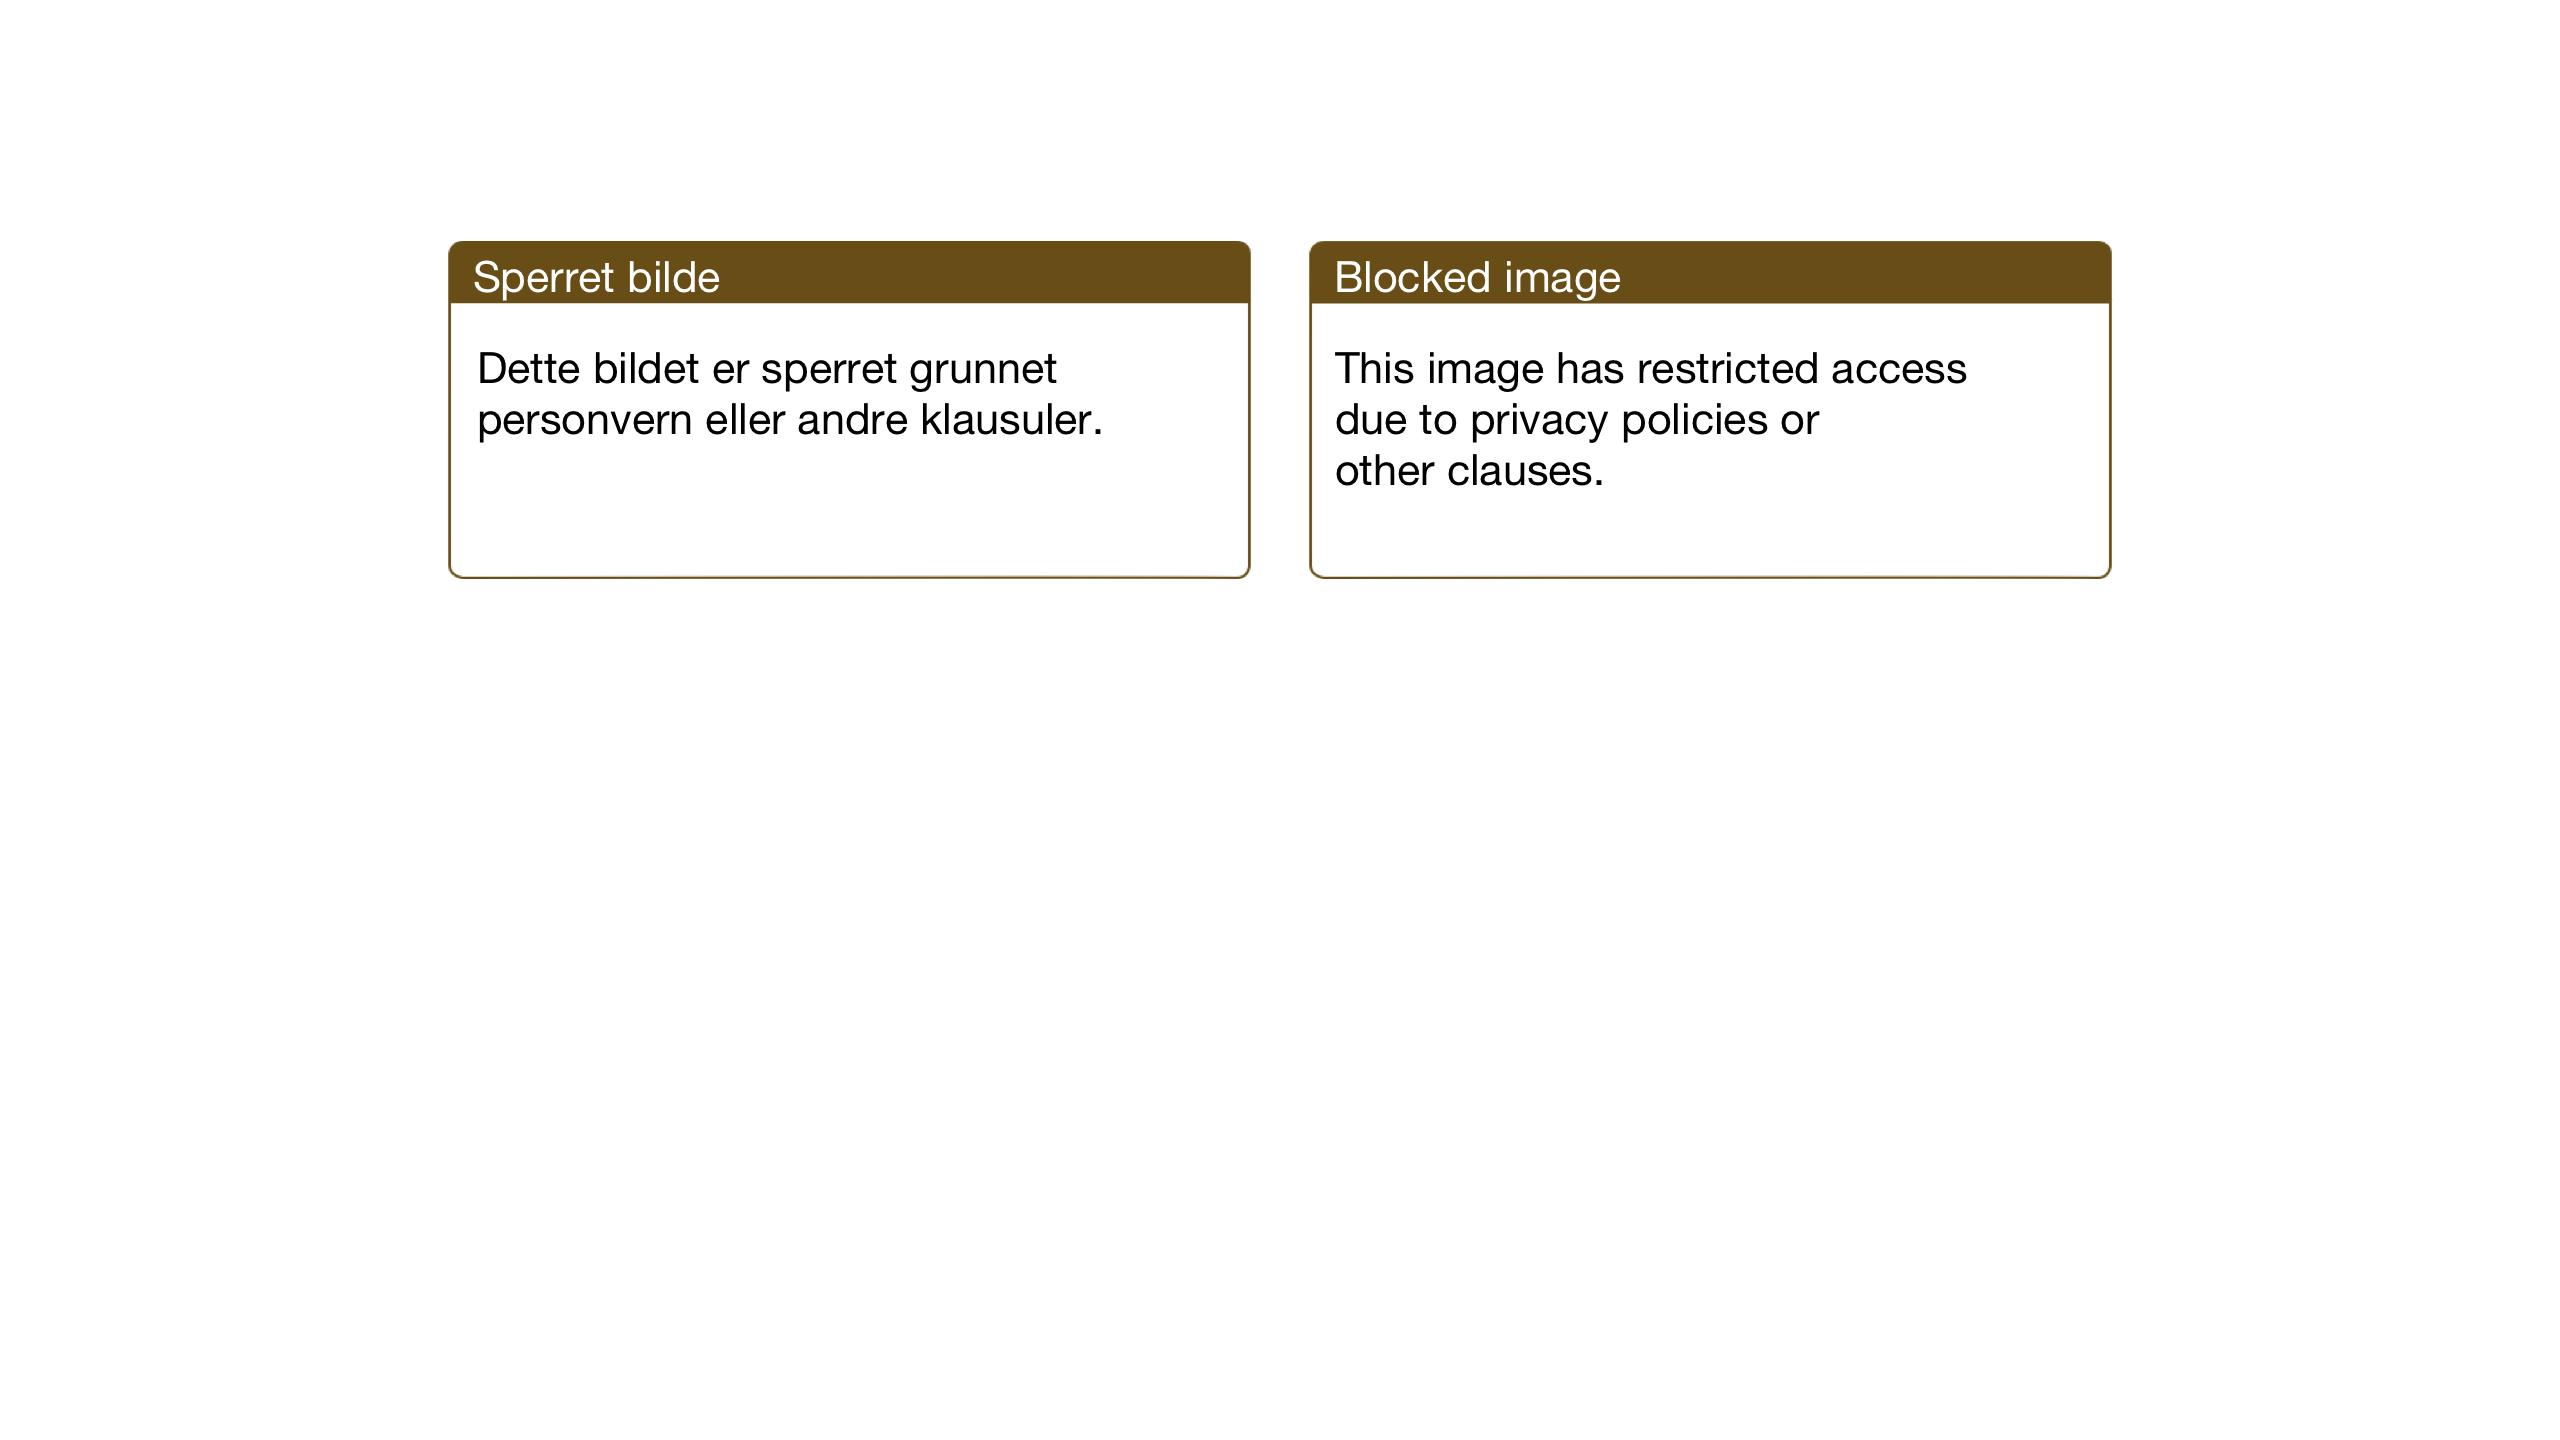 SAT, Ministerialprotokoller, klokkerbøker og fødselsregistre - Sør-Trøndelag, 603/L0173: Klokkerbok nr. 603C01, 1907-1962, s. 182